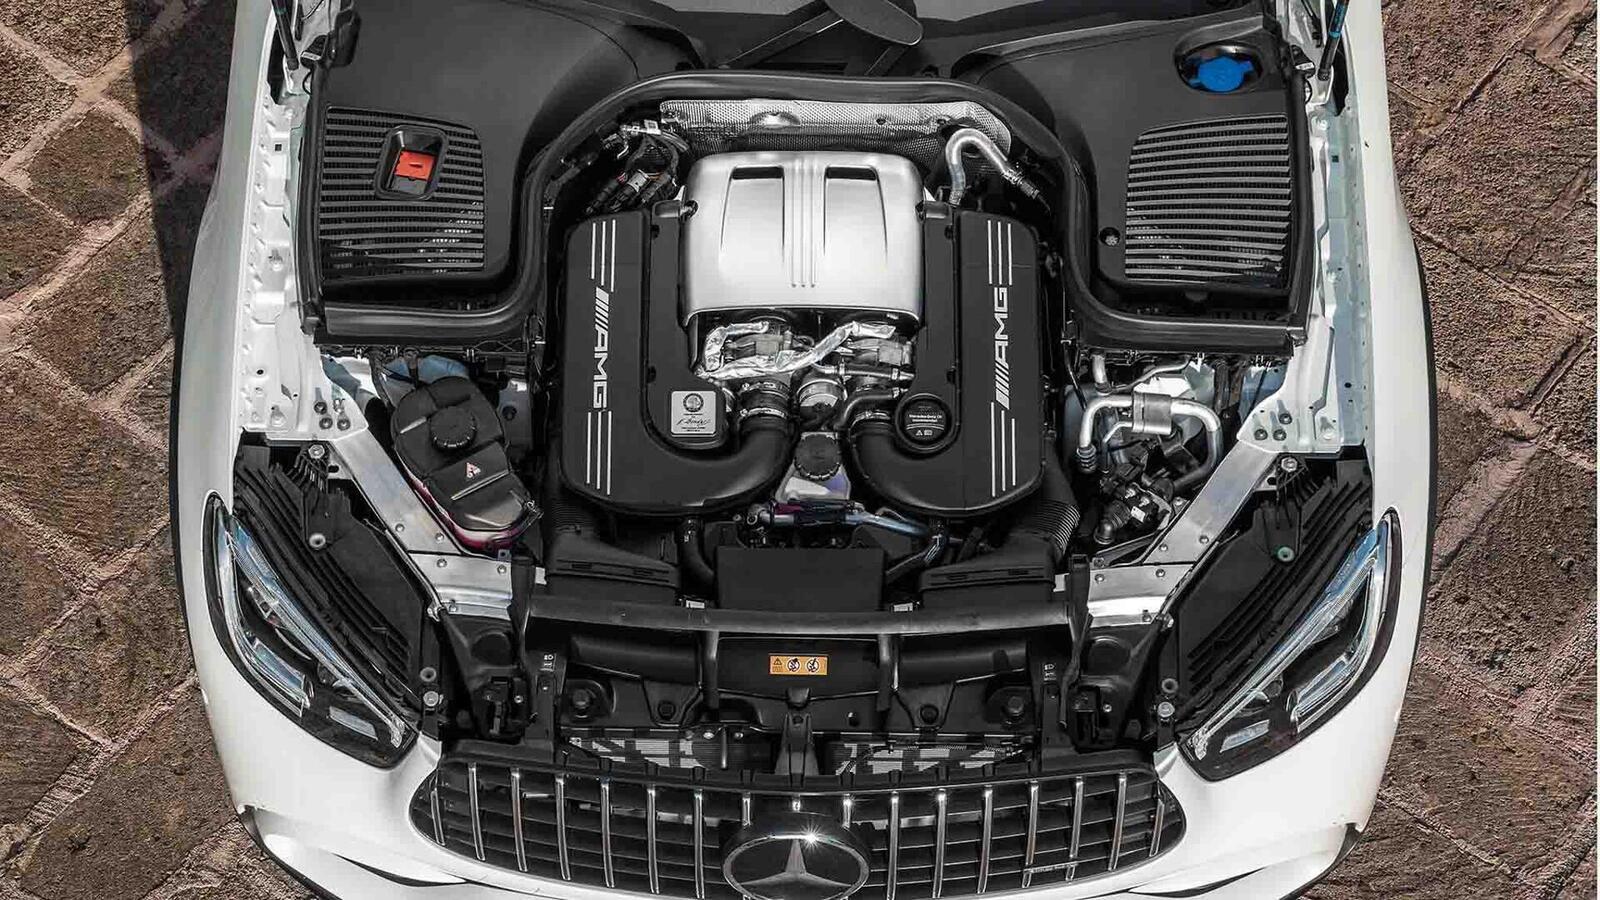 Mercedes-AMG giới thiệu GLC và GLC Coupe 63 mới lắp động cơ V8 4.0L Biturbo mạnh hơn 460 mã lực - Hình 21